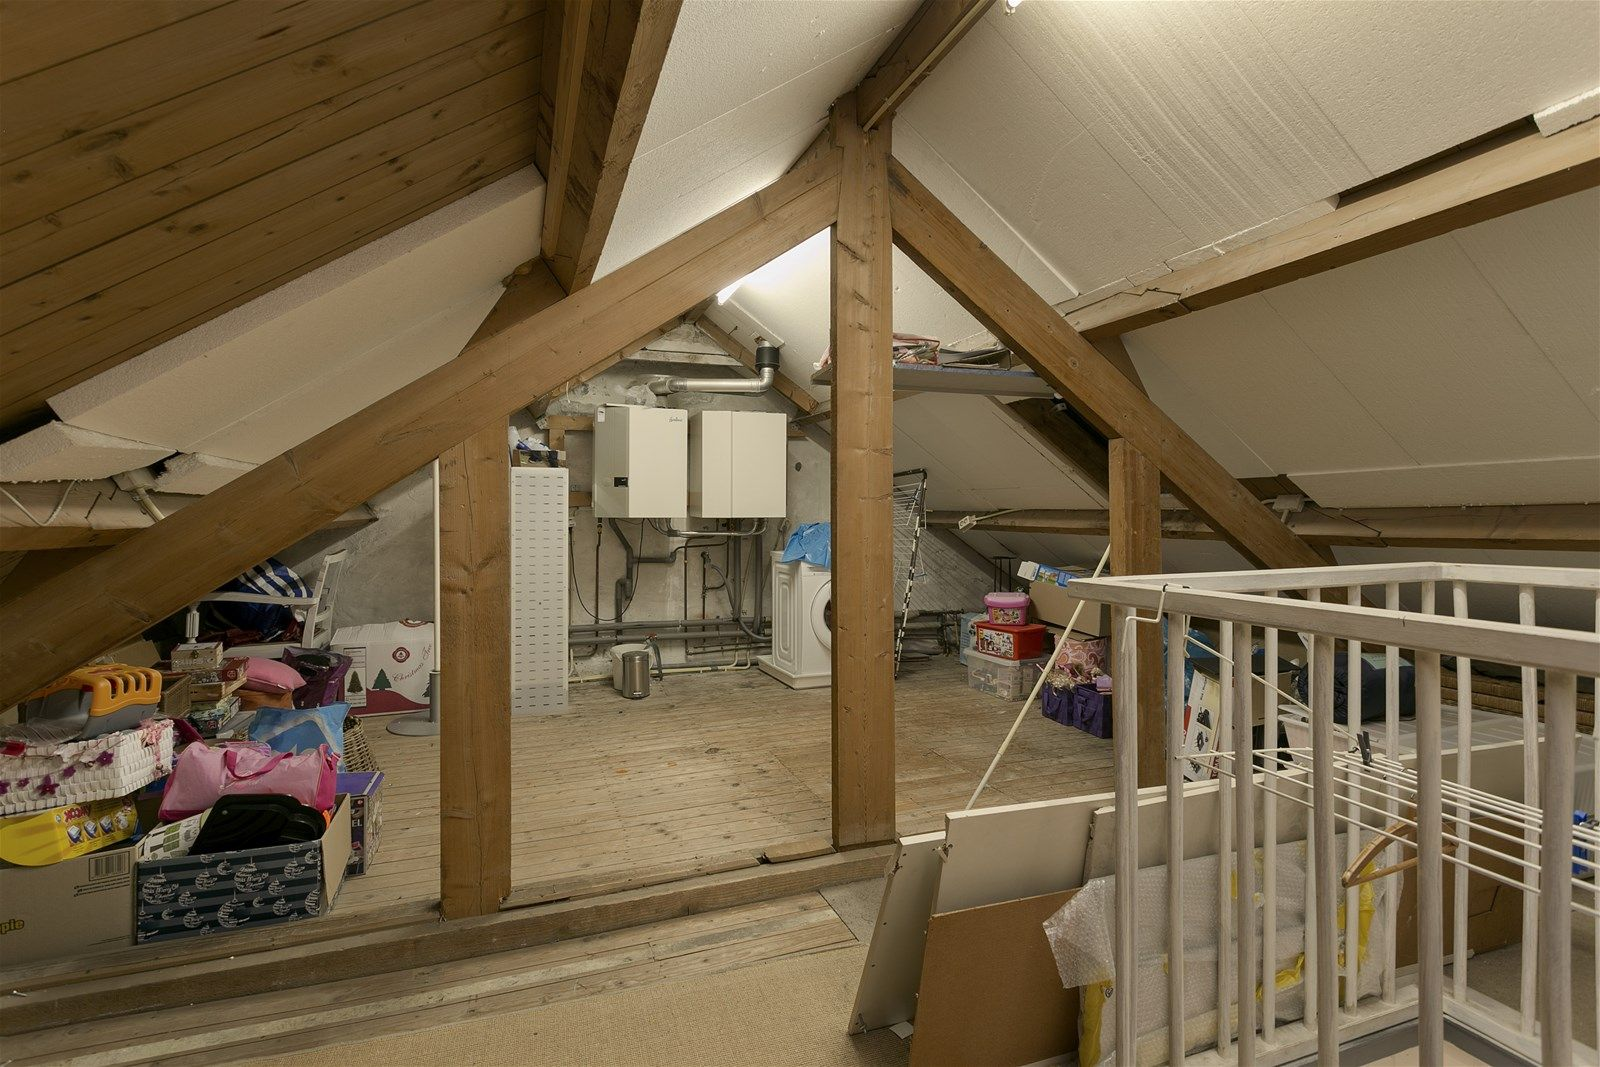 Deze instapklare twee-onder-een-kapwoning met grote tuin en berging is centraal gelegen in het dorp Zundert in de nabijheid van de nodige voorzieningen.   De woning is fraai afgewerkt en onder andere voorzien van een ruime woonkamer met mooie houten vloer,  een moderne open keuken, twee slaapkamers waarvan 1 met inloopkast en een luxe badkamer met douche en ligbad.   De achtertuin is verzorgd aangelegd met bestrating, een houten vlonder, een overdekt terras, een gazon en een berging aan de achterzijde.   BEGANE GROND  Entree/hal met toegang tot de toiletruimte, kelder, woonkamer en vaste trap naar de eerste verdieping. Afwerking- Tegelvloer, stucwerk wanden en stucwerk plafond. Meterkast- 15 groepen en 2 aardlekschakelaars.  Toiletruimte met zwevend toilet en fonteintje. Afwerking- Tegelvloer, wandlambrisering met daarboven stucwerk en stucwerk plafond.  Zeer ruime woonkamer met openslaande tuindeuren aan de achterzijde naar de achtertuin en toegang tot de open keuken. Afwerking- Houten vloer, stucwerk wanden en stucwerk plafond met sierlijsten.  Moderne open keuken met kookeiland en kastenwand uitgerust met een kunststof werkblad, spoelbak, vaatwasser, 4-pits gaskookplaat, afzuigkap, 2 combi-ovens, koelkast en kastruimte.  Afwerking- Tegelvloer, stucwerk wanden en stucwerk plafond.  Kelder Afwerking- Tegelvloer en betegelde wanden.   EERSTE VERDIEPING  Overloop met toegang tot twee slaapkamers, de badkamer en vaste trap naar de tweede verdieping. Afwerking- Laminaatvloer, stucwerk wanden en stucwerk plafond.  Slaapkamer 1- Een ruime slaapkamer aan de voorzijde van de woning met inloopkast. Afwerking- Laminaatvloer, stucwerk wanden en stucwerk plafond.  Slaapkamer 2- Een slaapkamer aan de achterzijde van de woning. Afwerking- Laminaatvloer, stucwerk wanden en spuitwerk plafond.  Luxe badkamer uitgerust met een ligbad, douche, badkamer meubel met wastafel, een zwevend toilet en designradiator.  Afwerking- Tegelvloer, wandtegels en stucwerk plafond.   TWEEDE VERDIEPIN